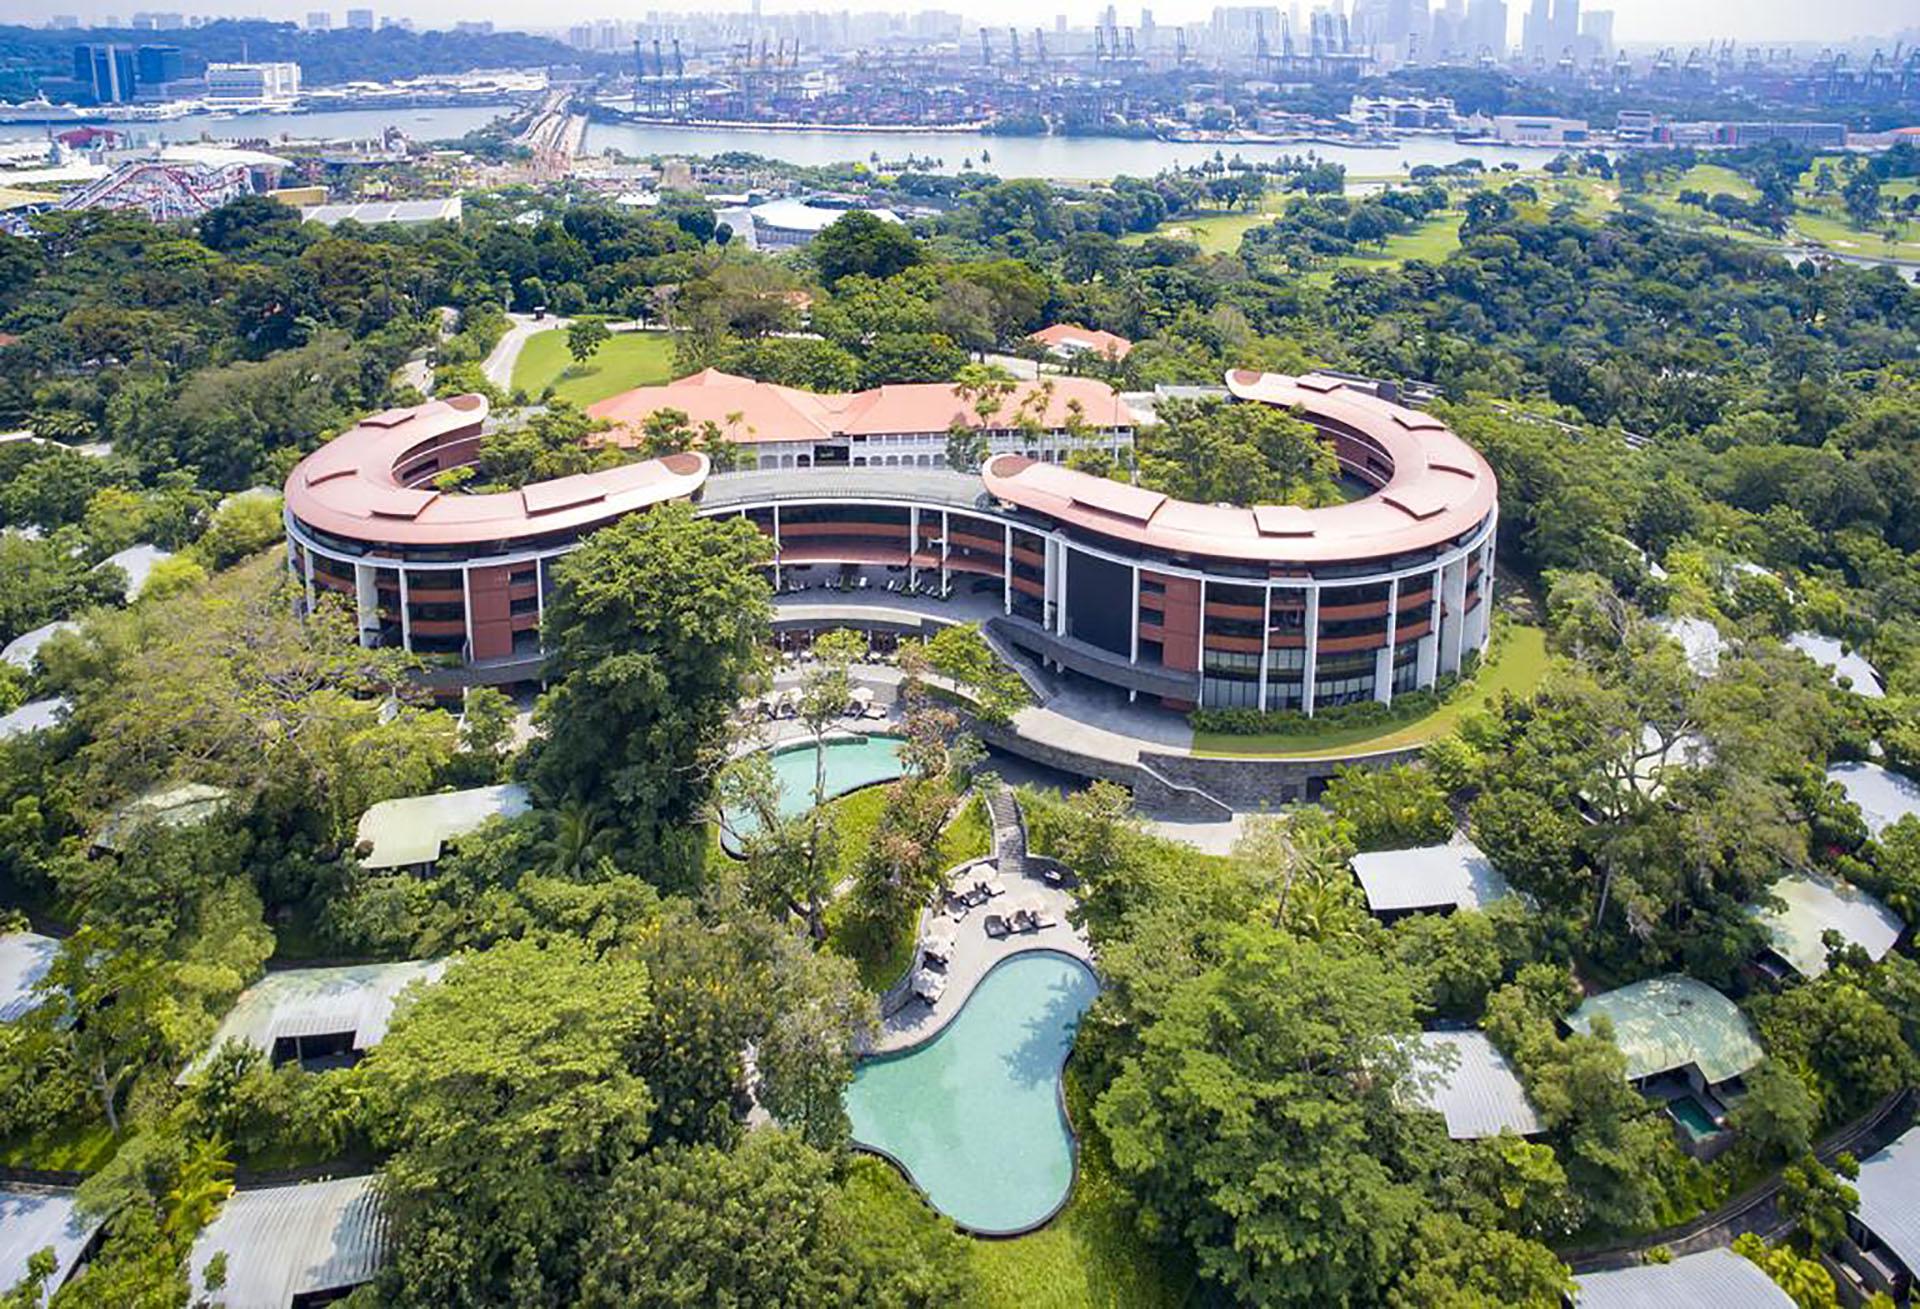 Este hotel de lujo está situado en medio de la selva tropical de la isla de Sentosa y cuenta con 3 piscinas al aire libre y un spa ganador de múltiples premios